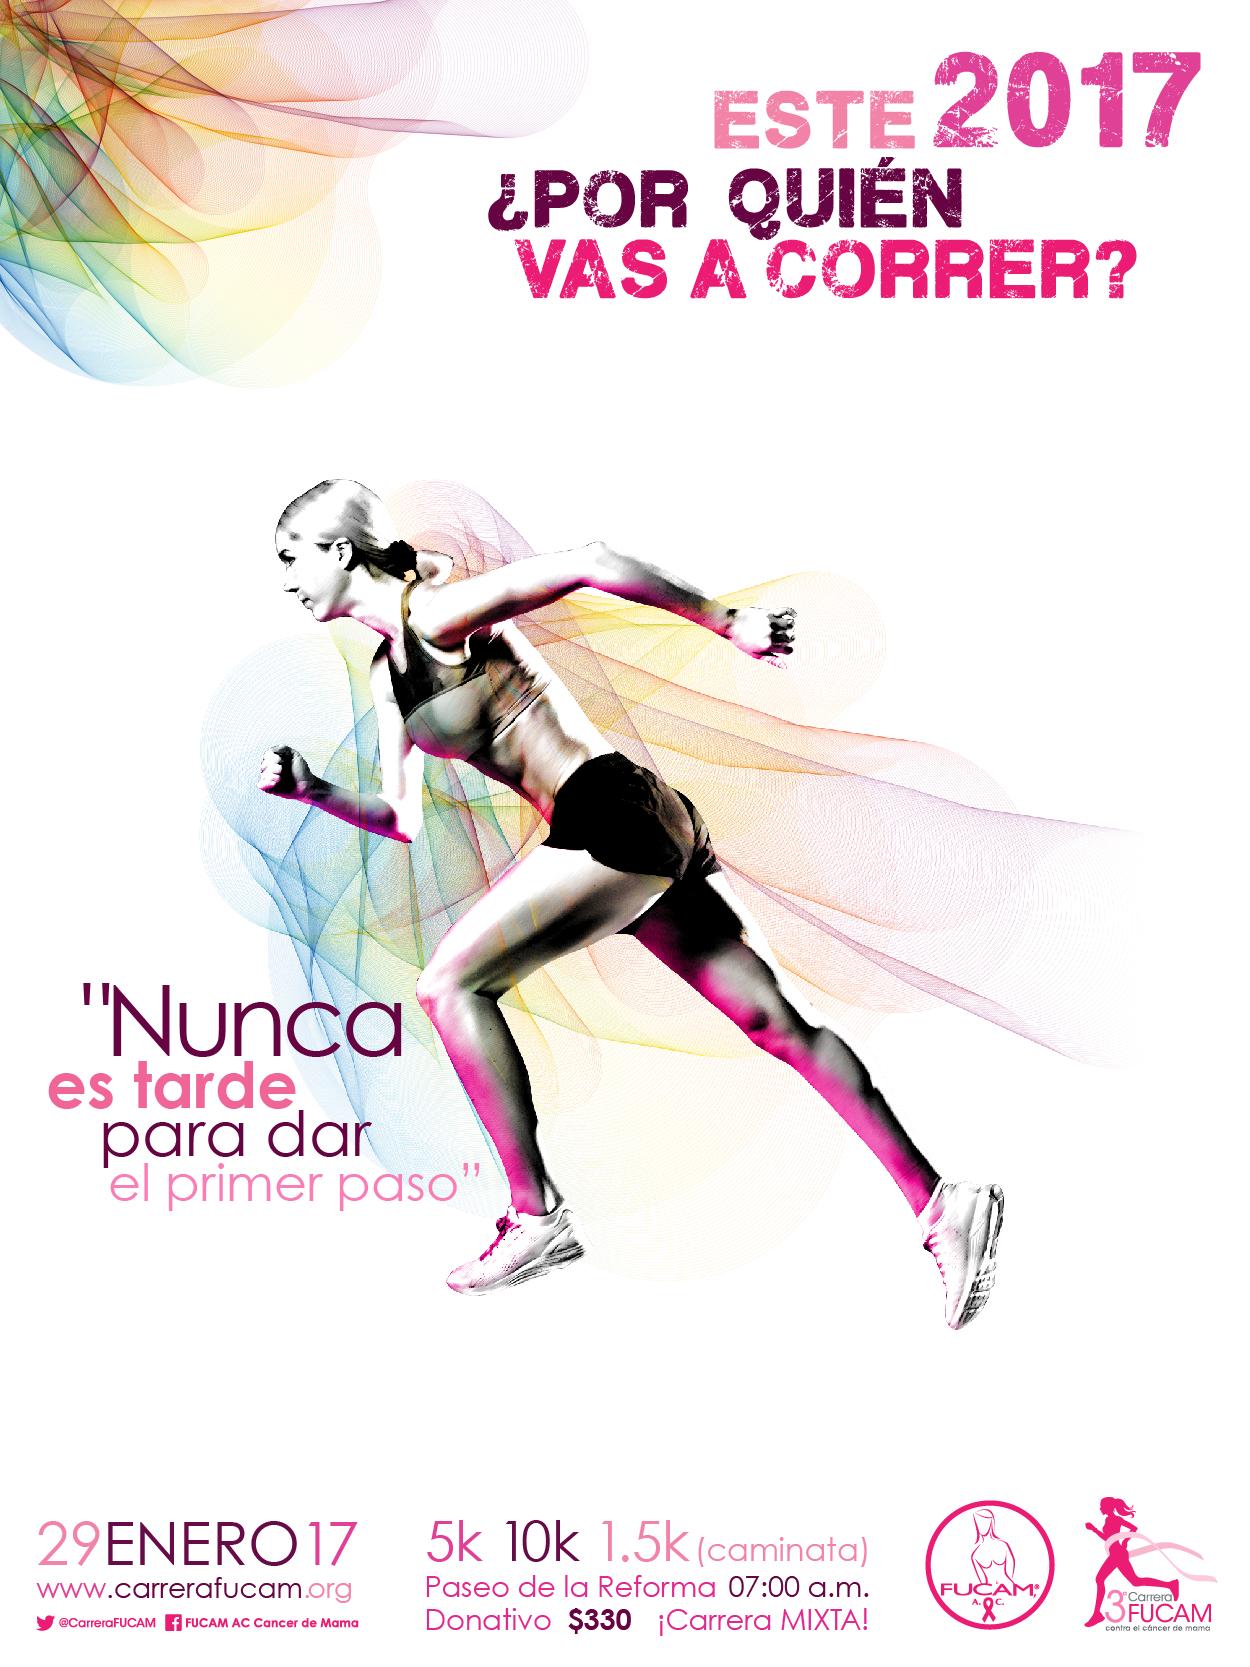 Apoya a la 3ª Carrera FUCAM 2017 contra el cáncer de mama.